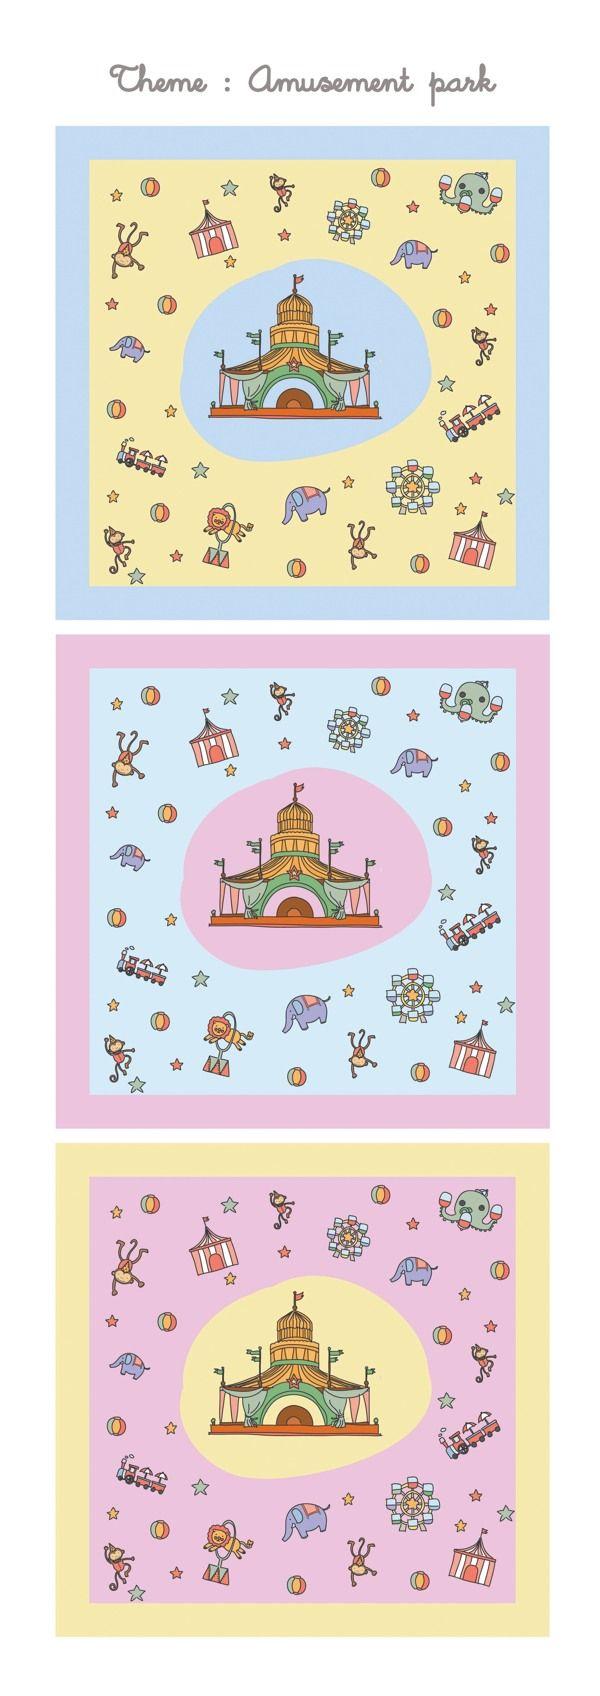 Pattern handkerchief : Amusement park by TZID , via Behance